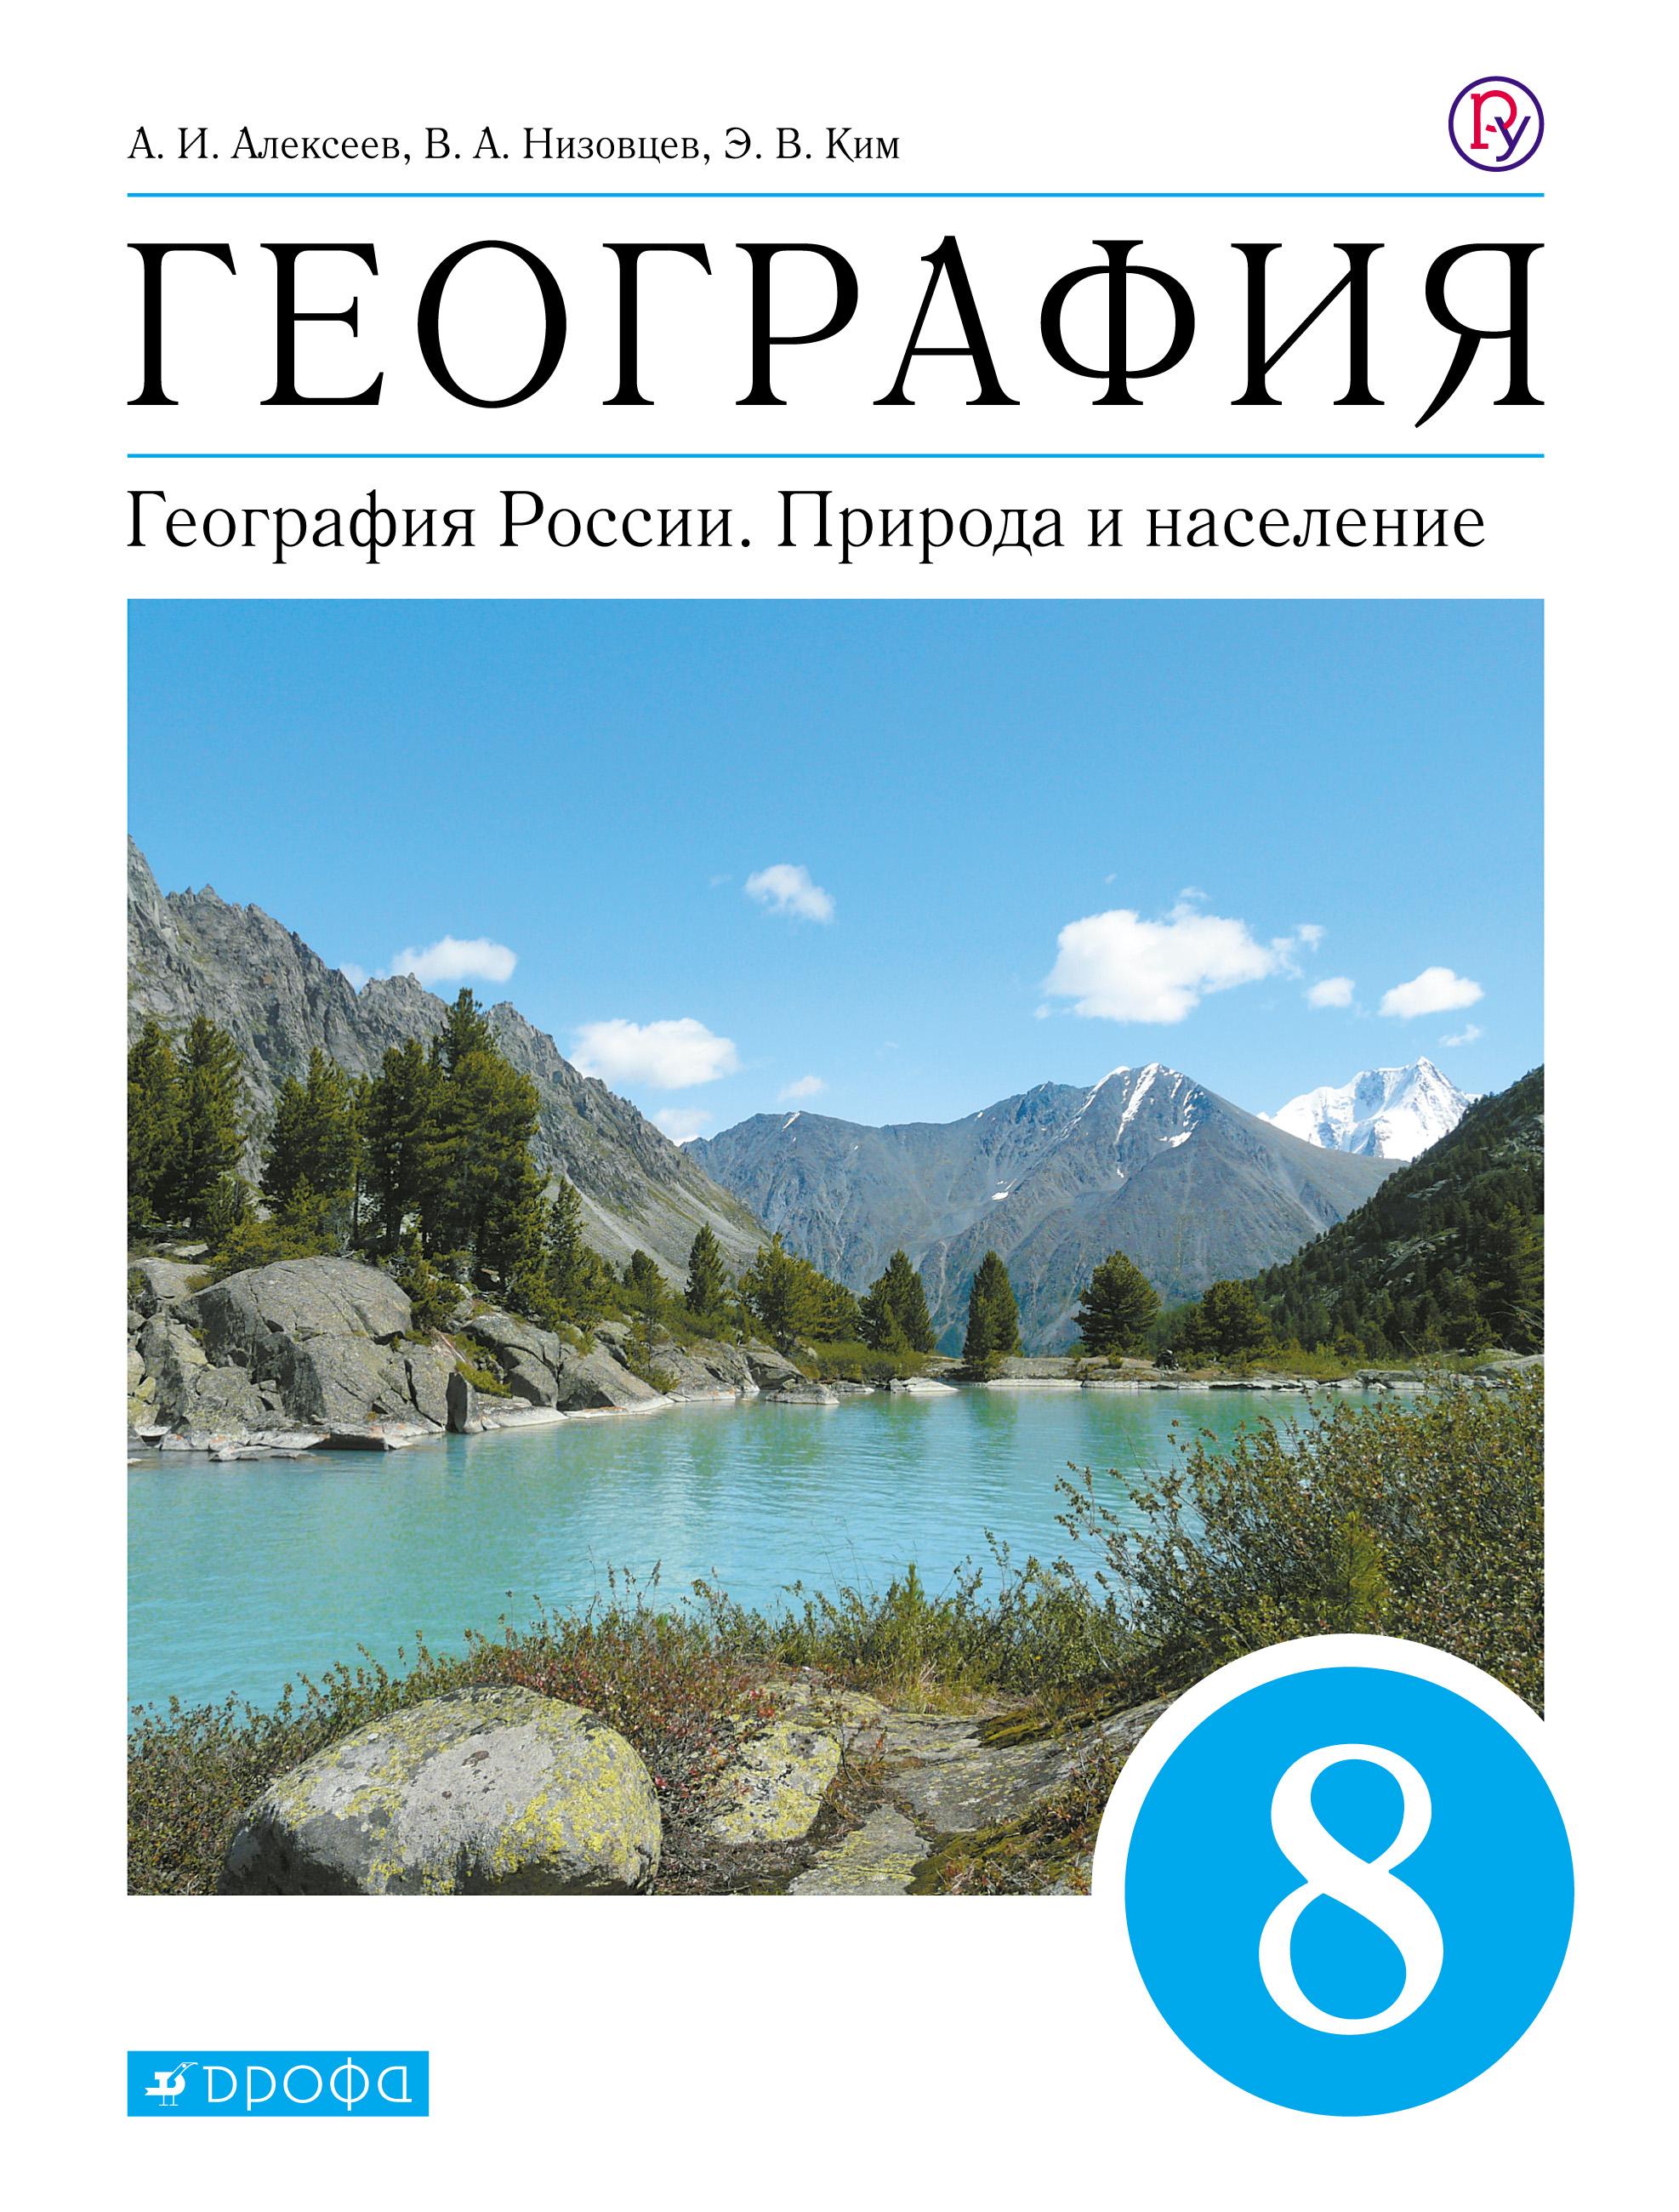 А. И. Алексеев География. География России. Природа и население. 8 класс